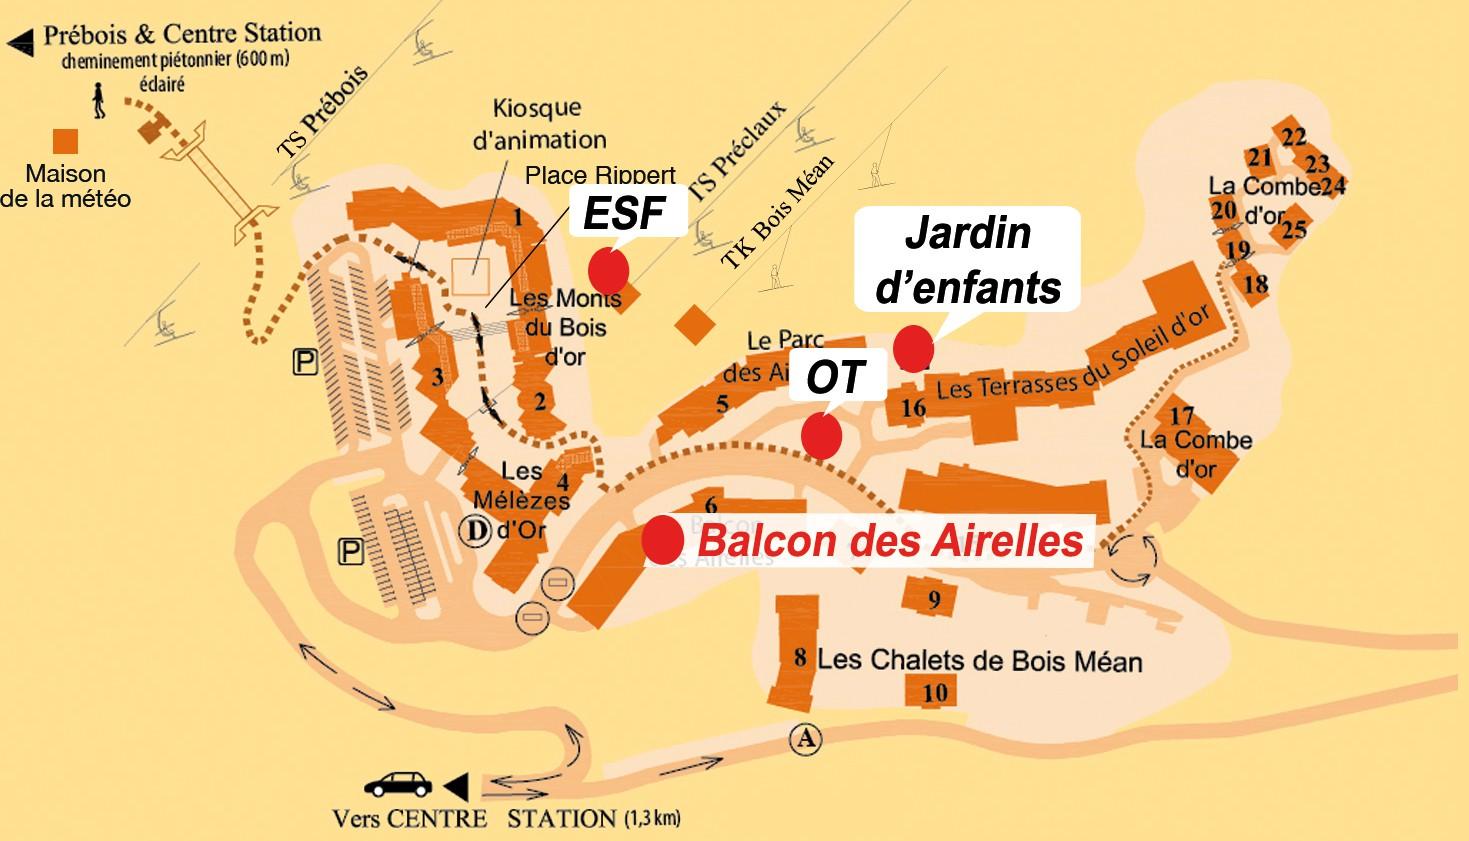 Balcon des Airelles (Les Orres 1800)